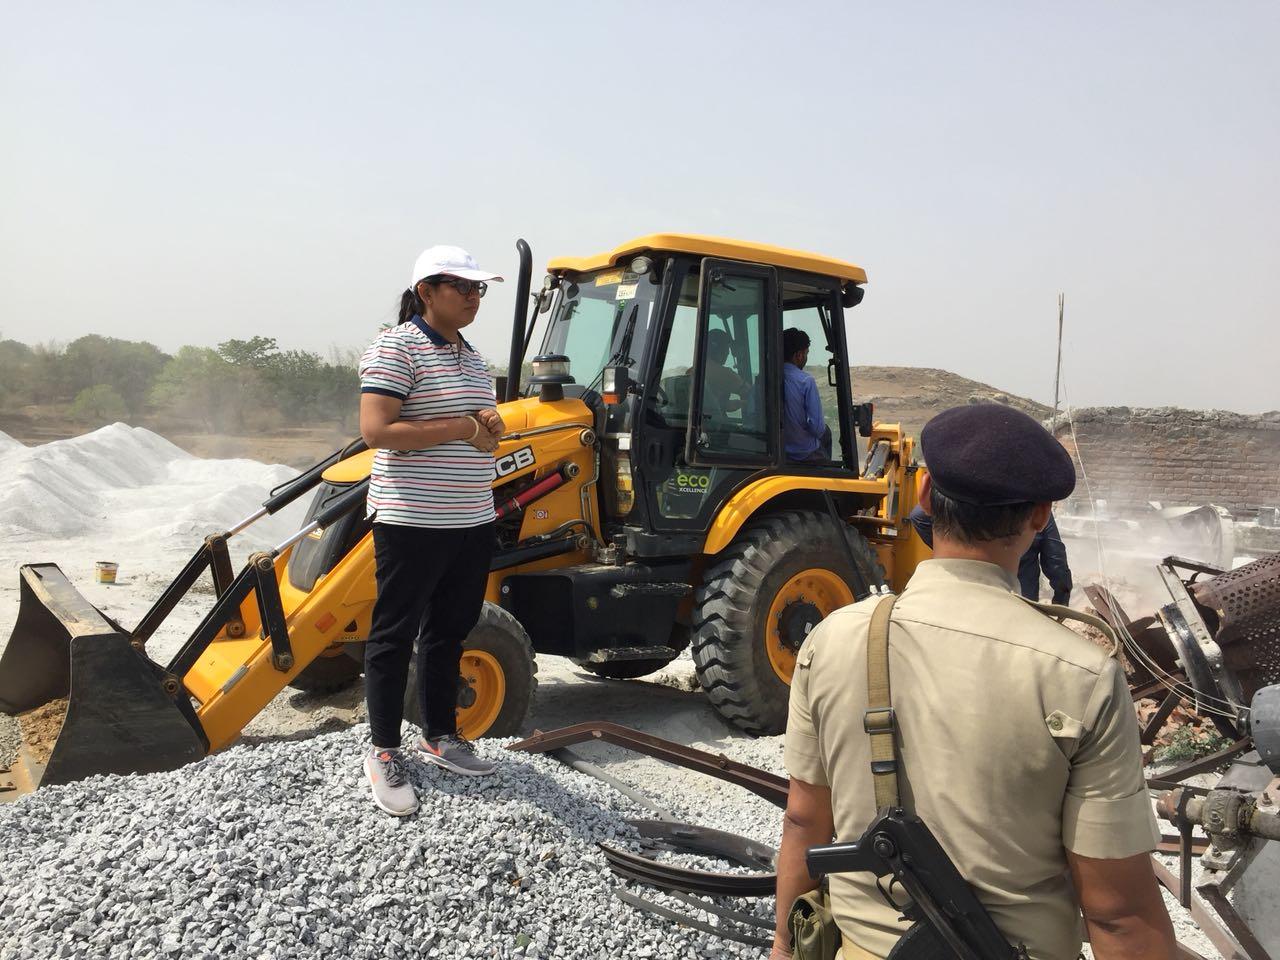 <p>एसडीओ अंजलि यादव ने बुढ़मू में पत्थर खदानों एवं इंट भट्ठों में की छापामारी कर कई क्रेशरों को किया ध्वस्त |</p>